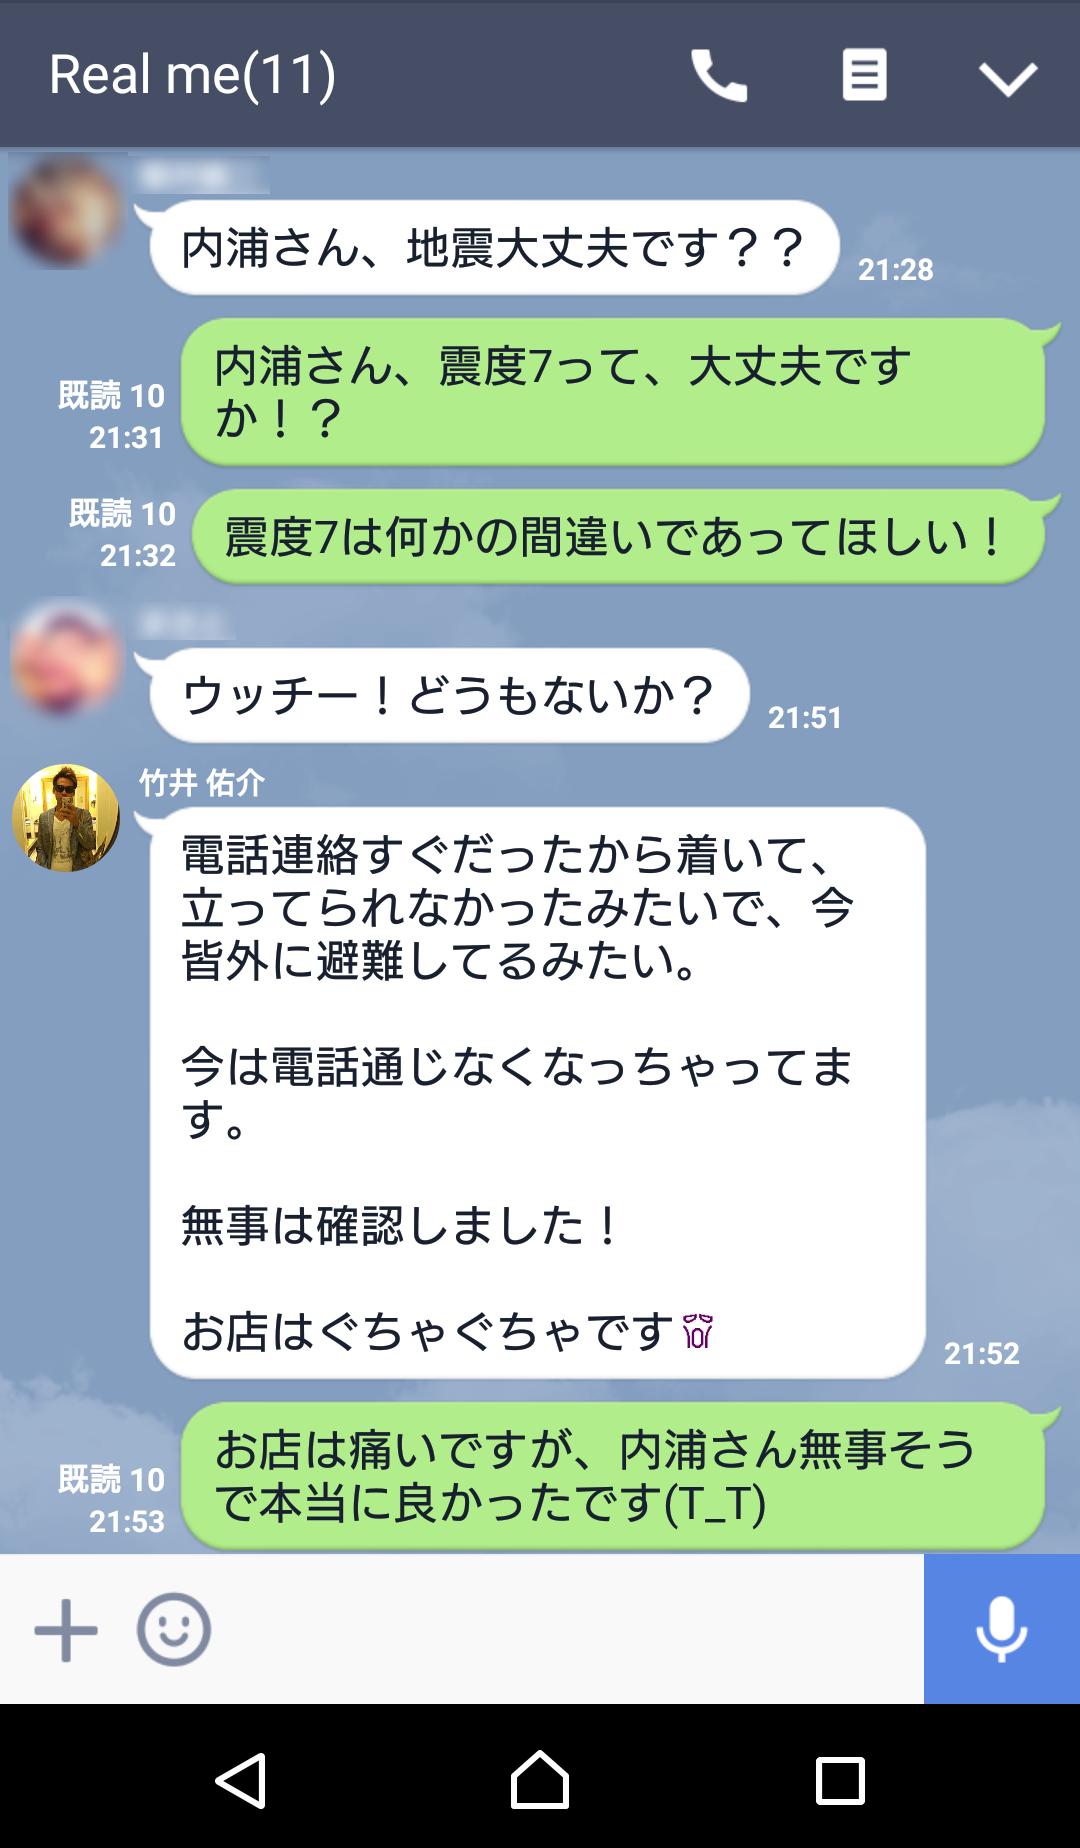 熊本にいる内浦さんの安否確認